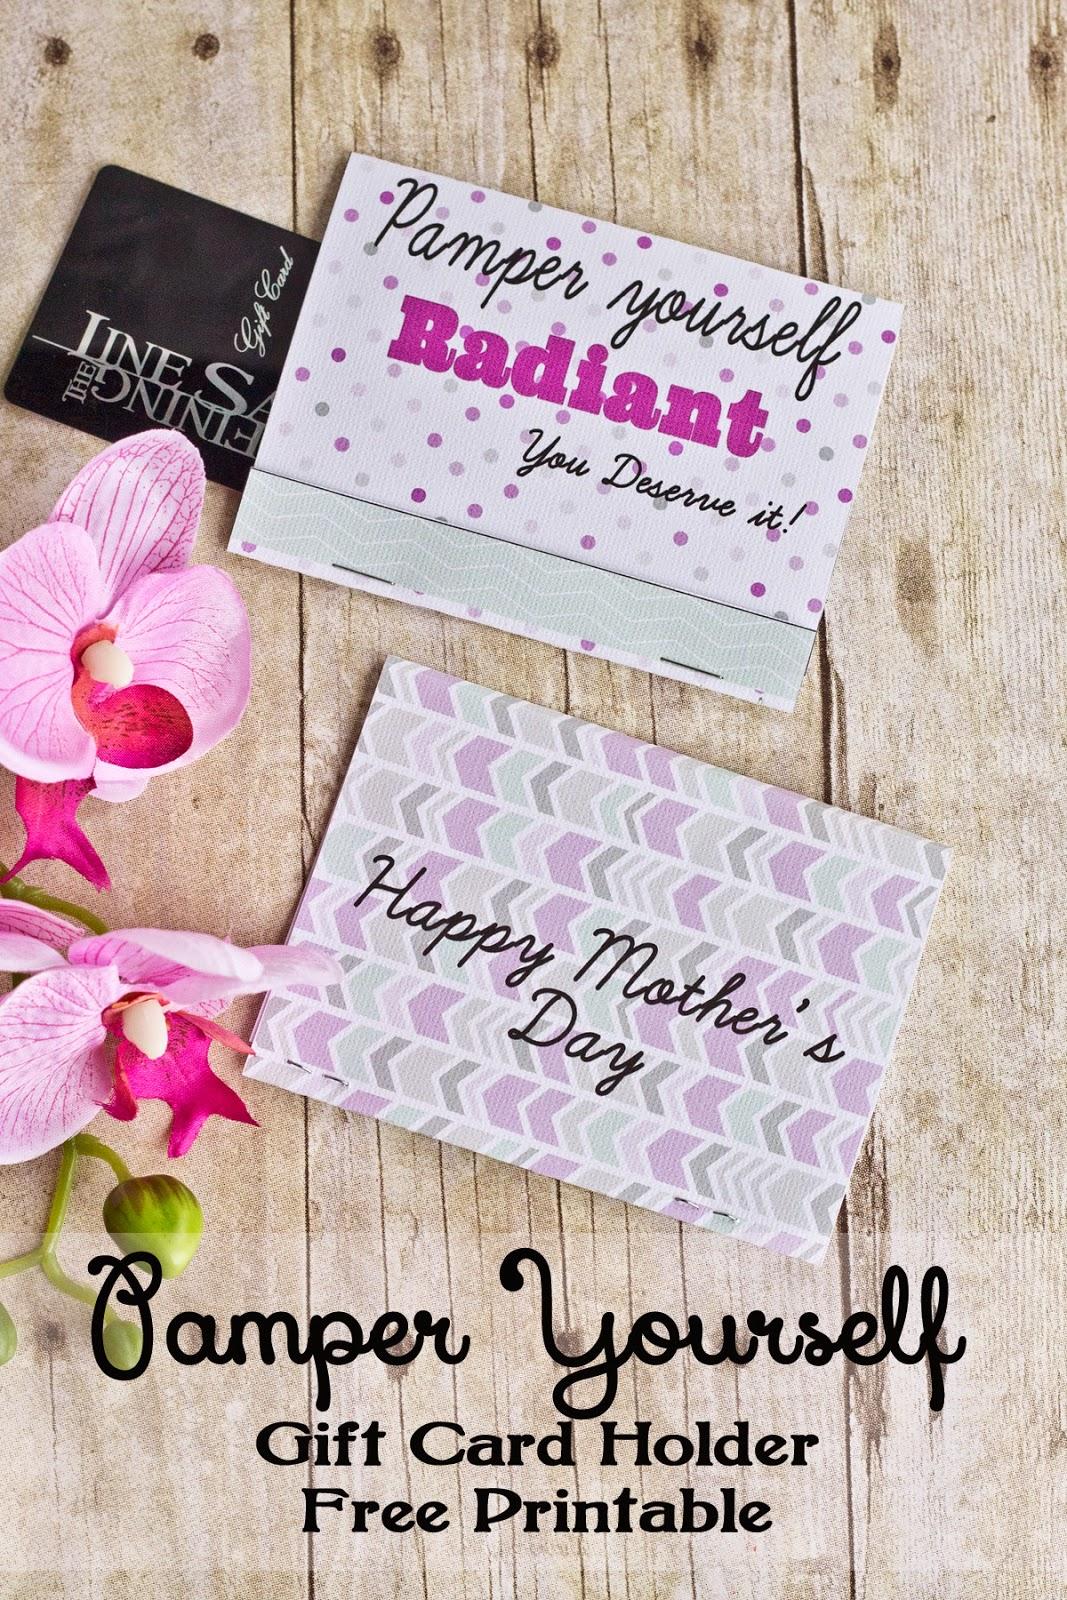 pamper yourself gift card holder printable www.freetimefrolics.com #mothersday